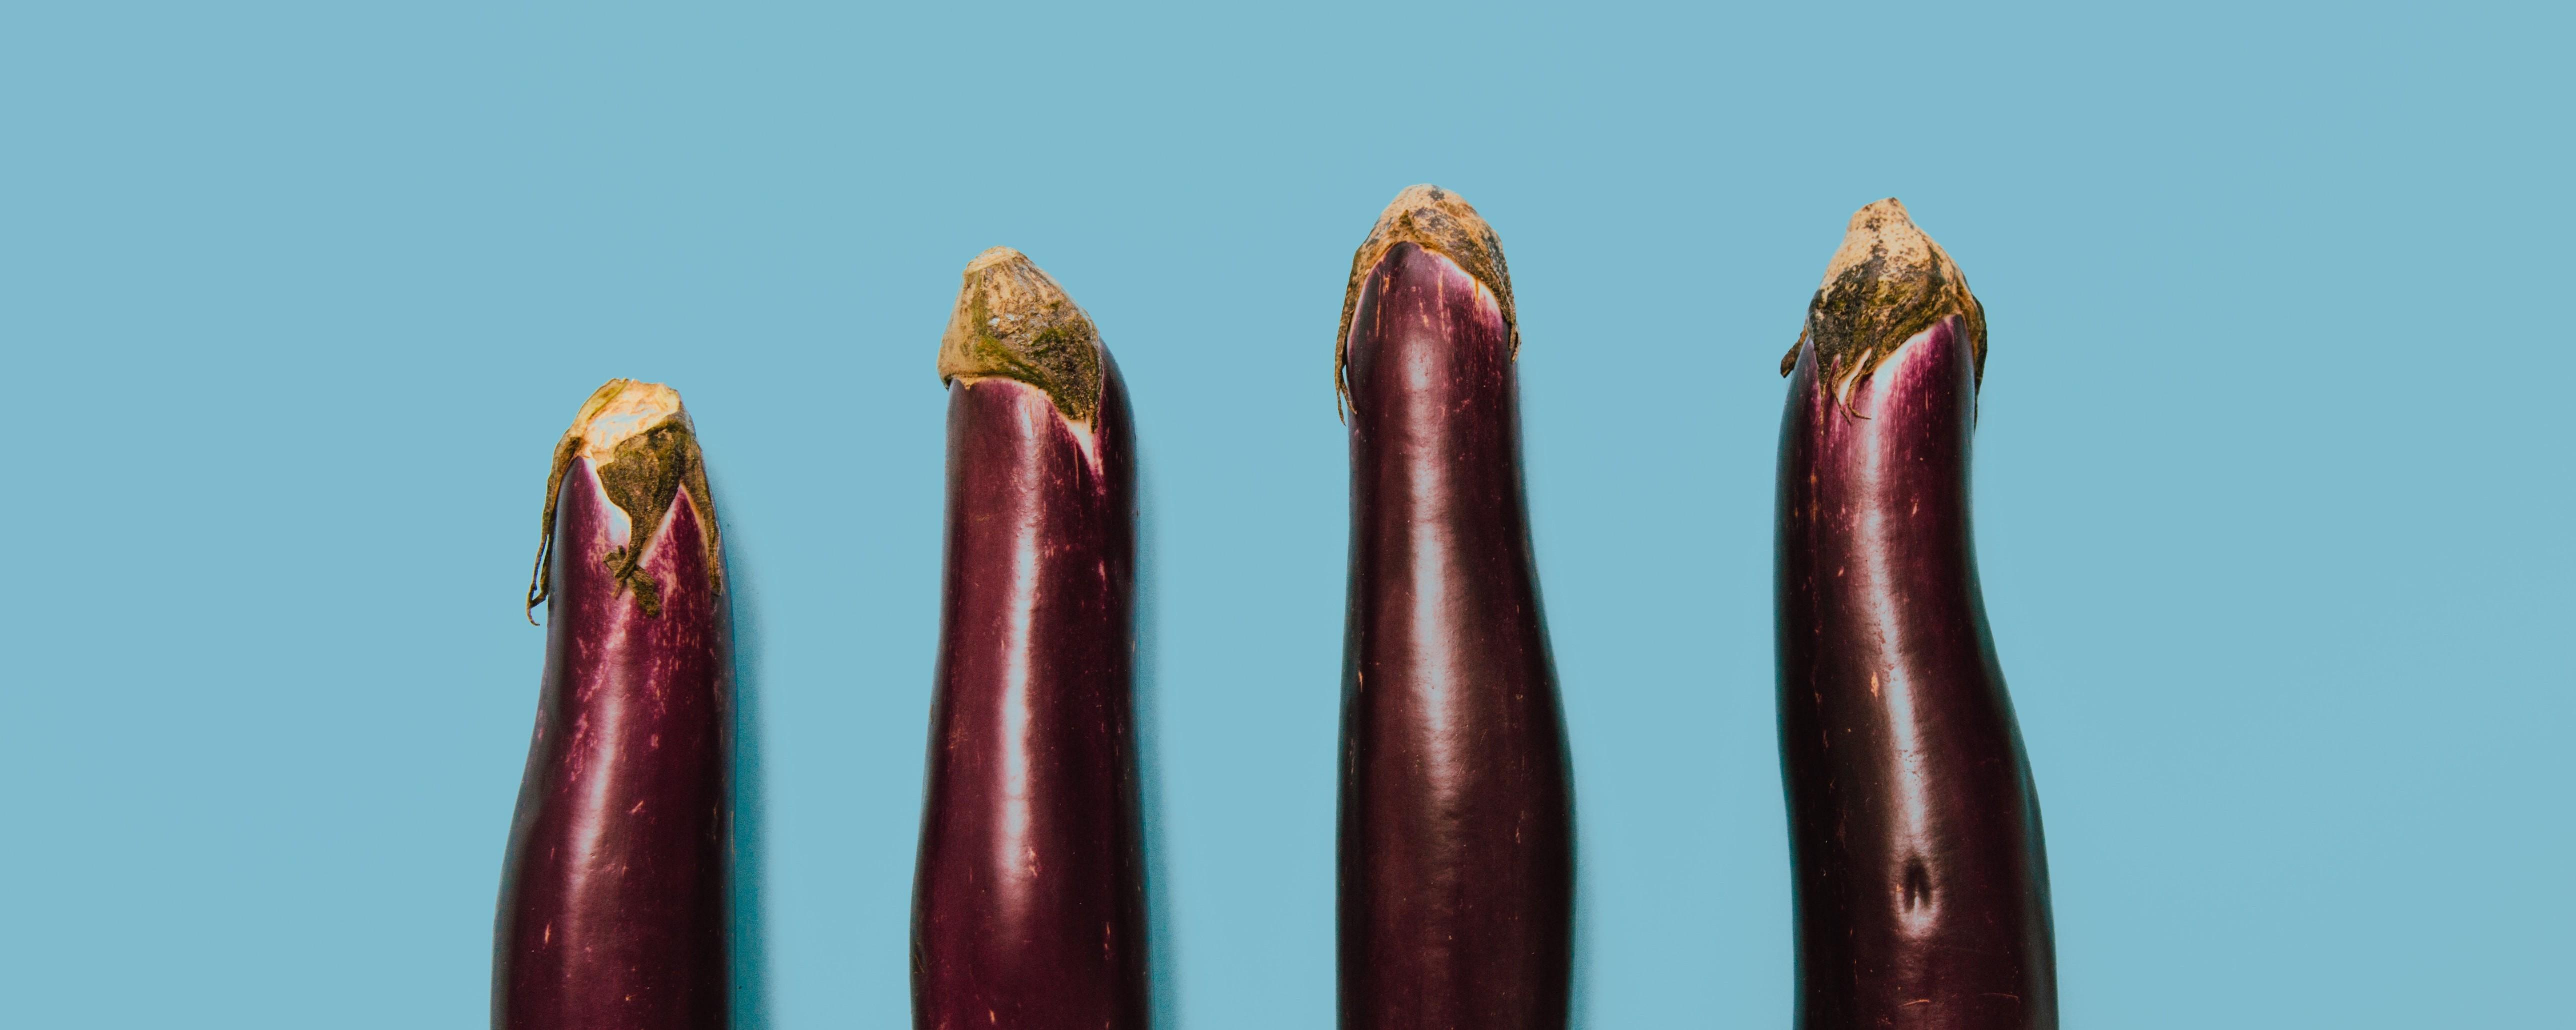 vine o erecție, dar trece repede dimensiunea penisului grosime normală